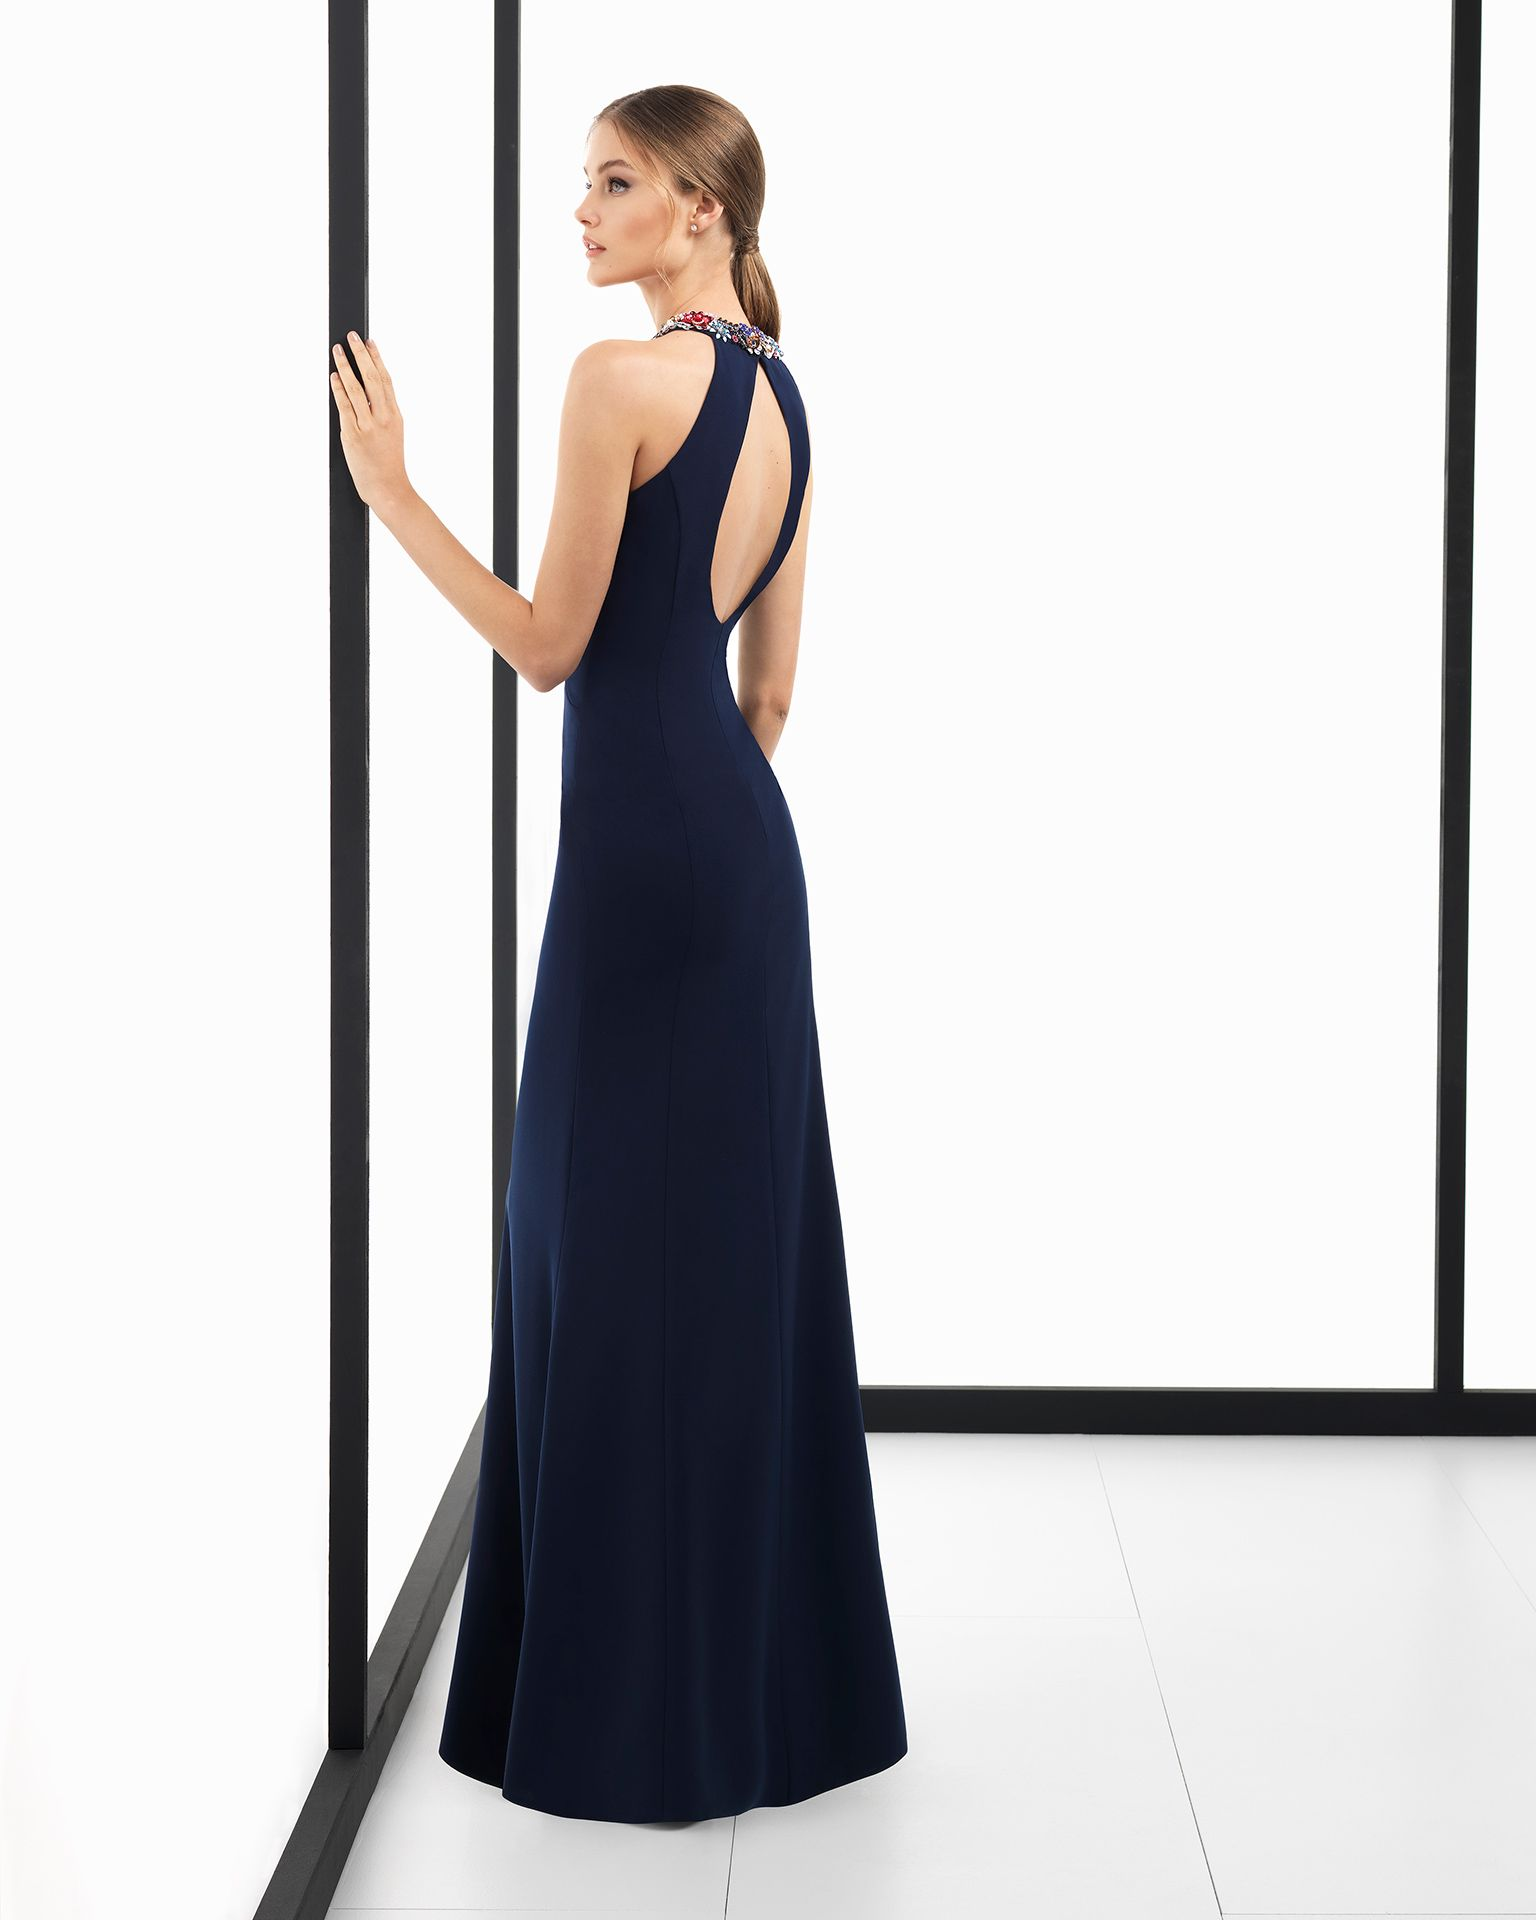 affe606b8 Vestido de fiesta largo de crepe con cuello halter y espalda abierta con  aplicaciones de pedrería